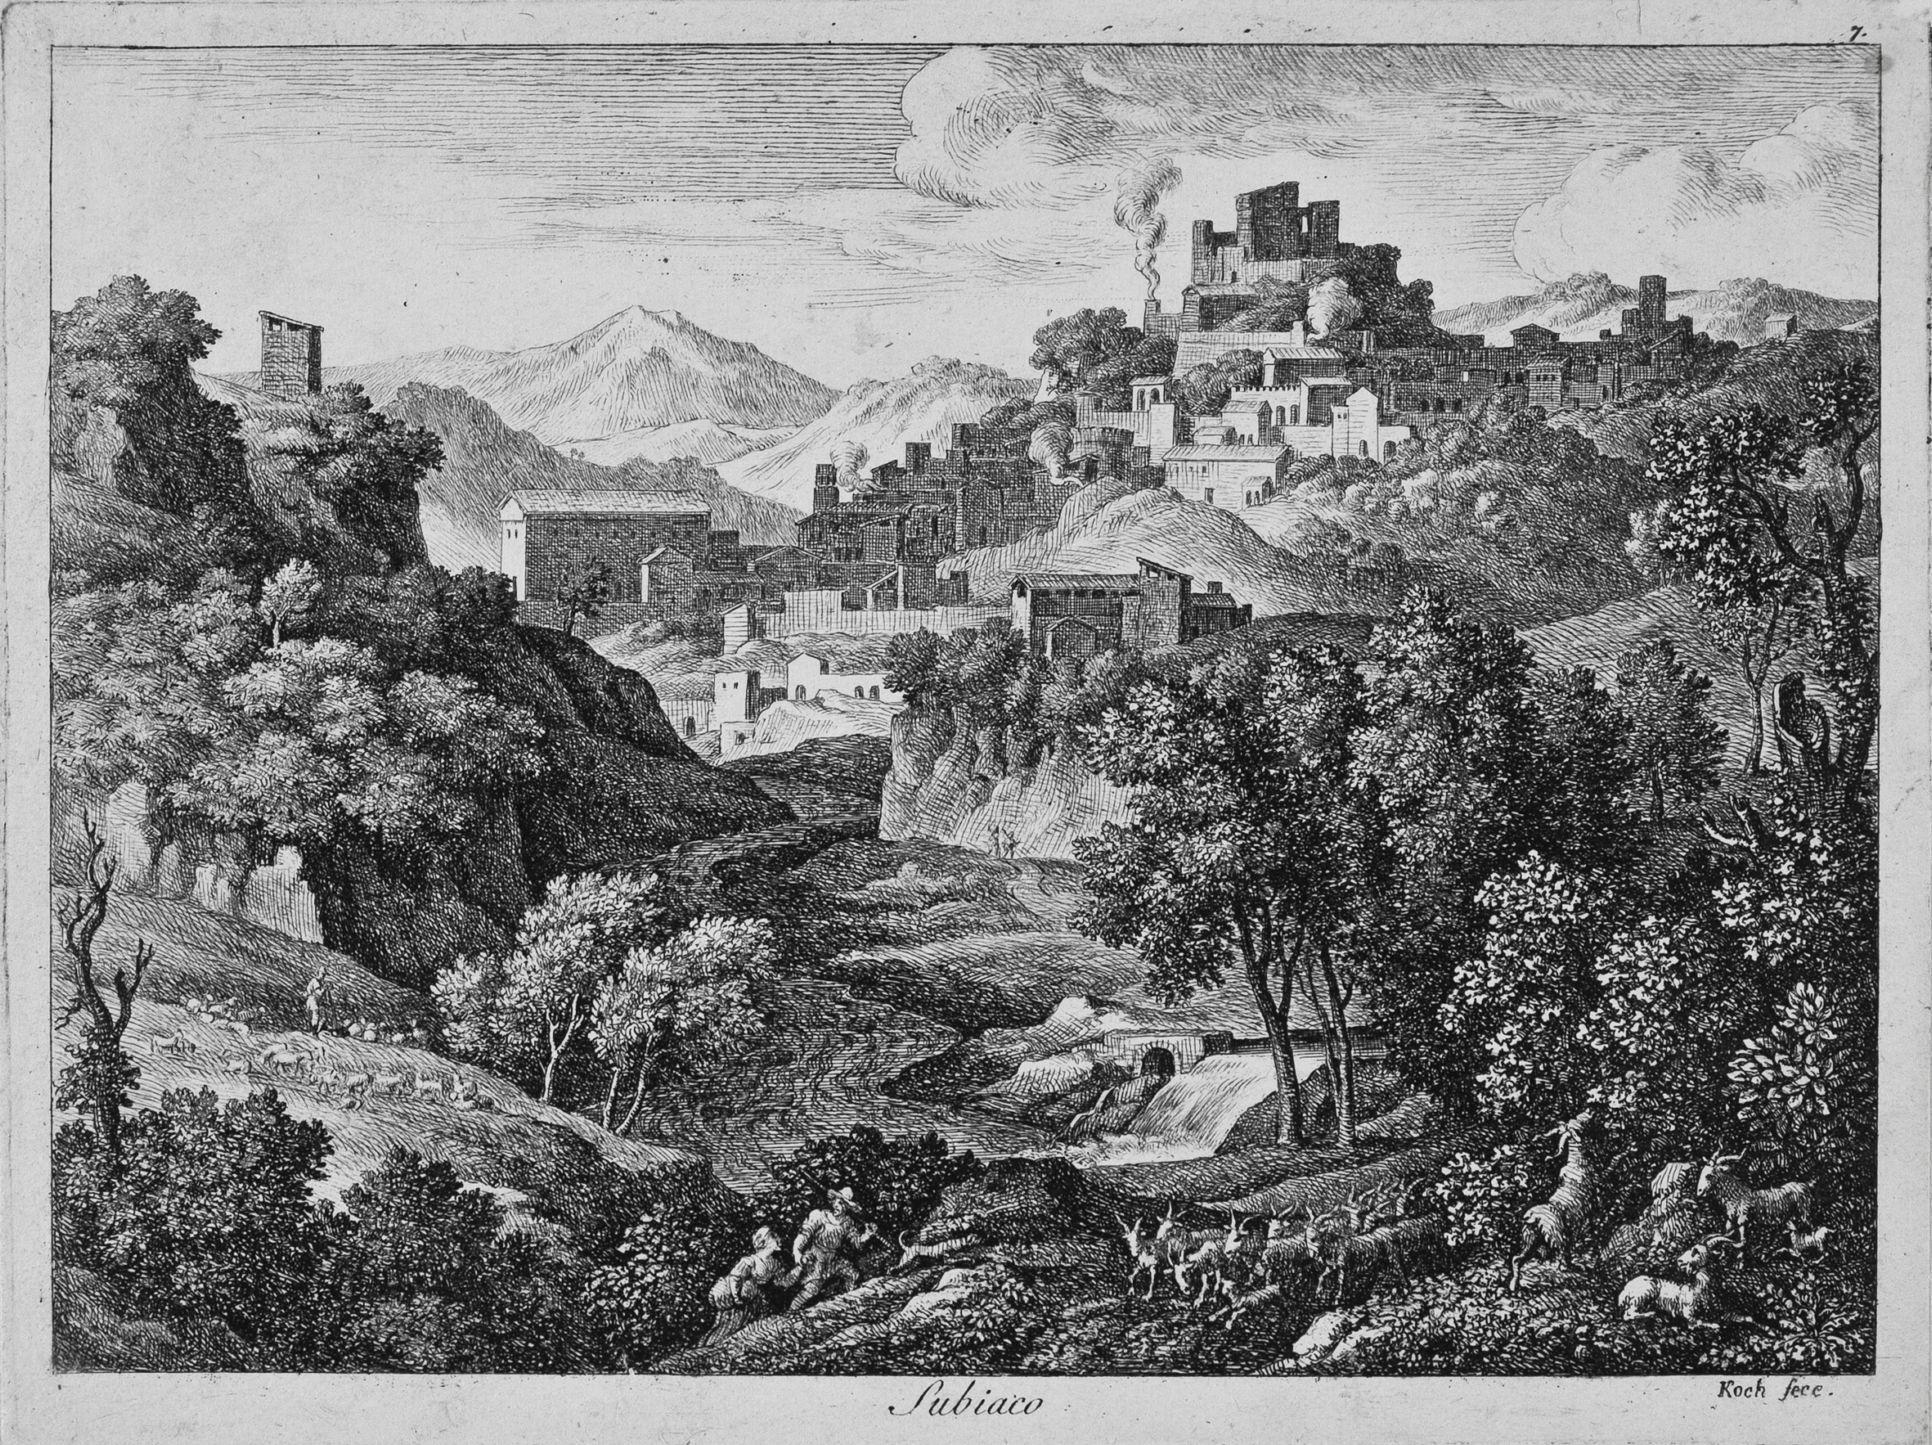 J.A. Koch - Veduta di Subiaco (prima metà '800)